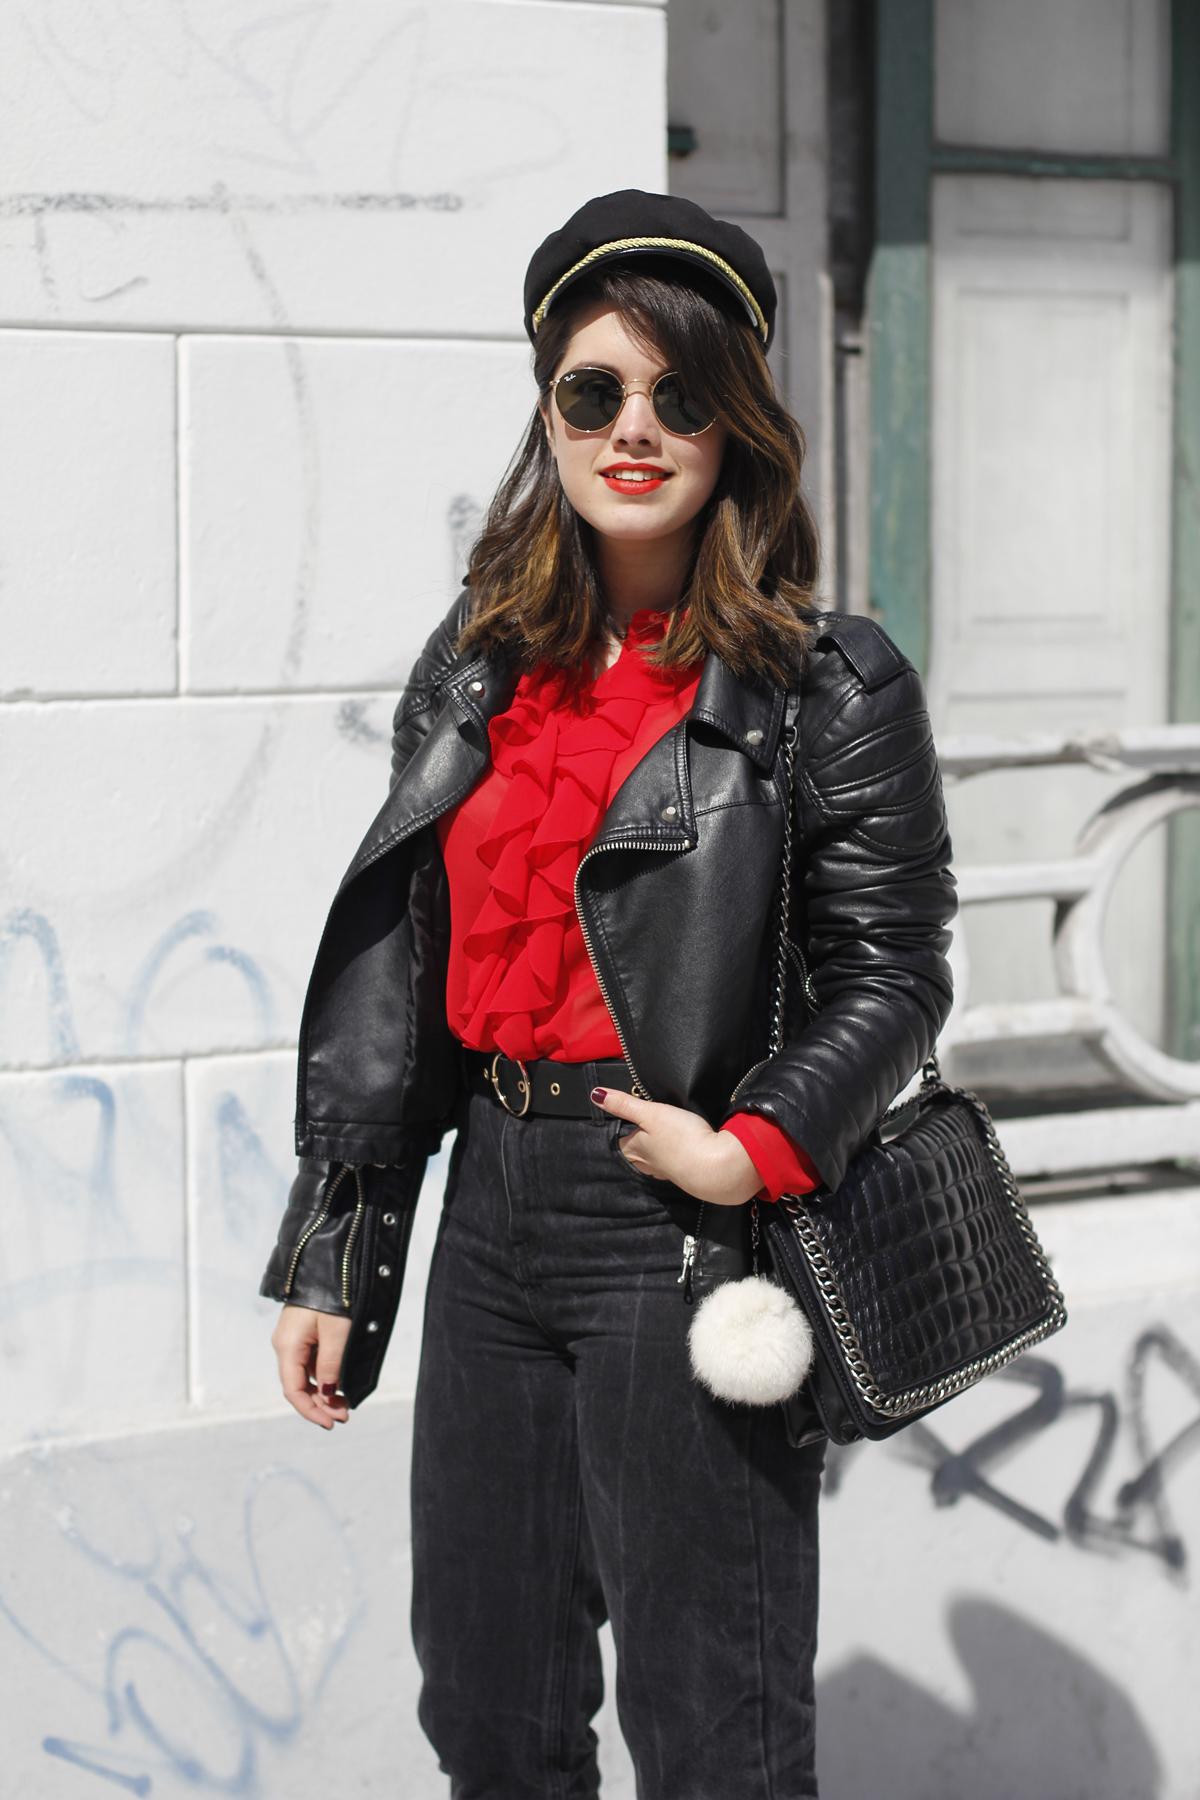 Blusa roja de la pipa de la paz confeccionada en galicia con mom jeans y gafas redondas rayban streetstyle 9